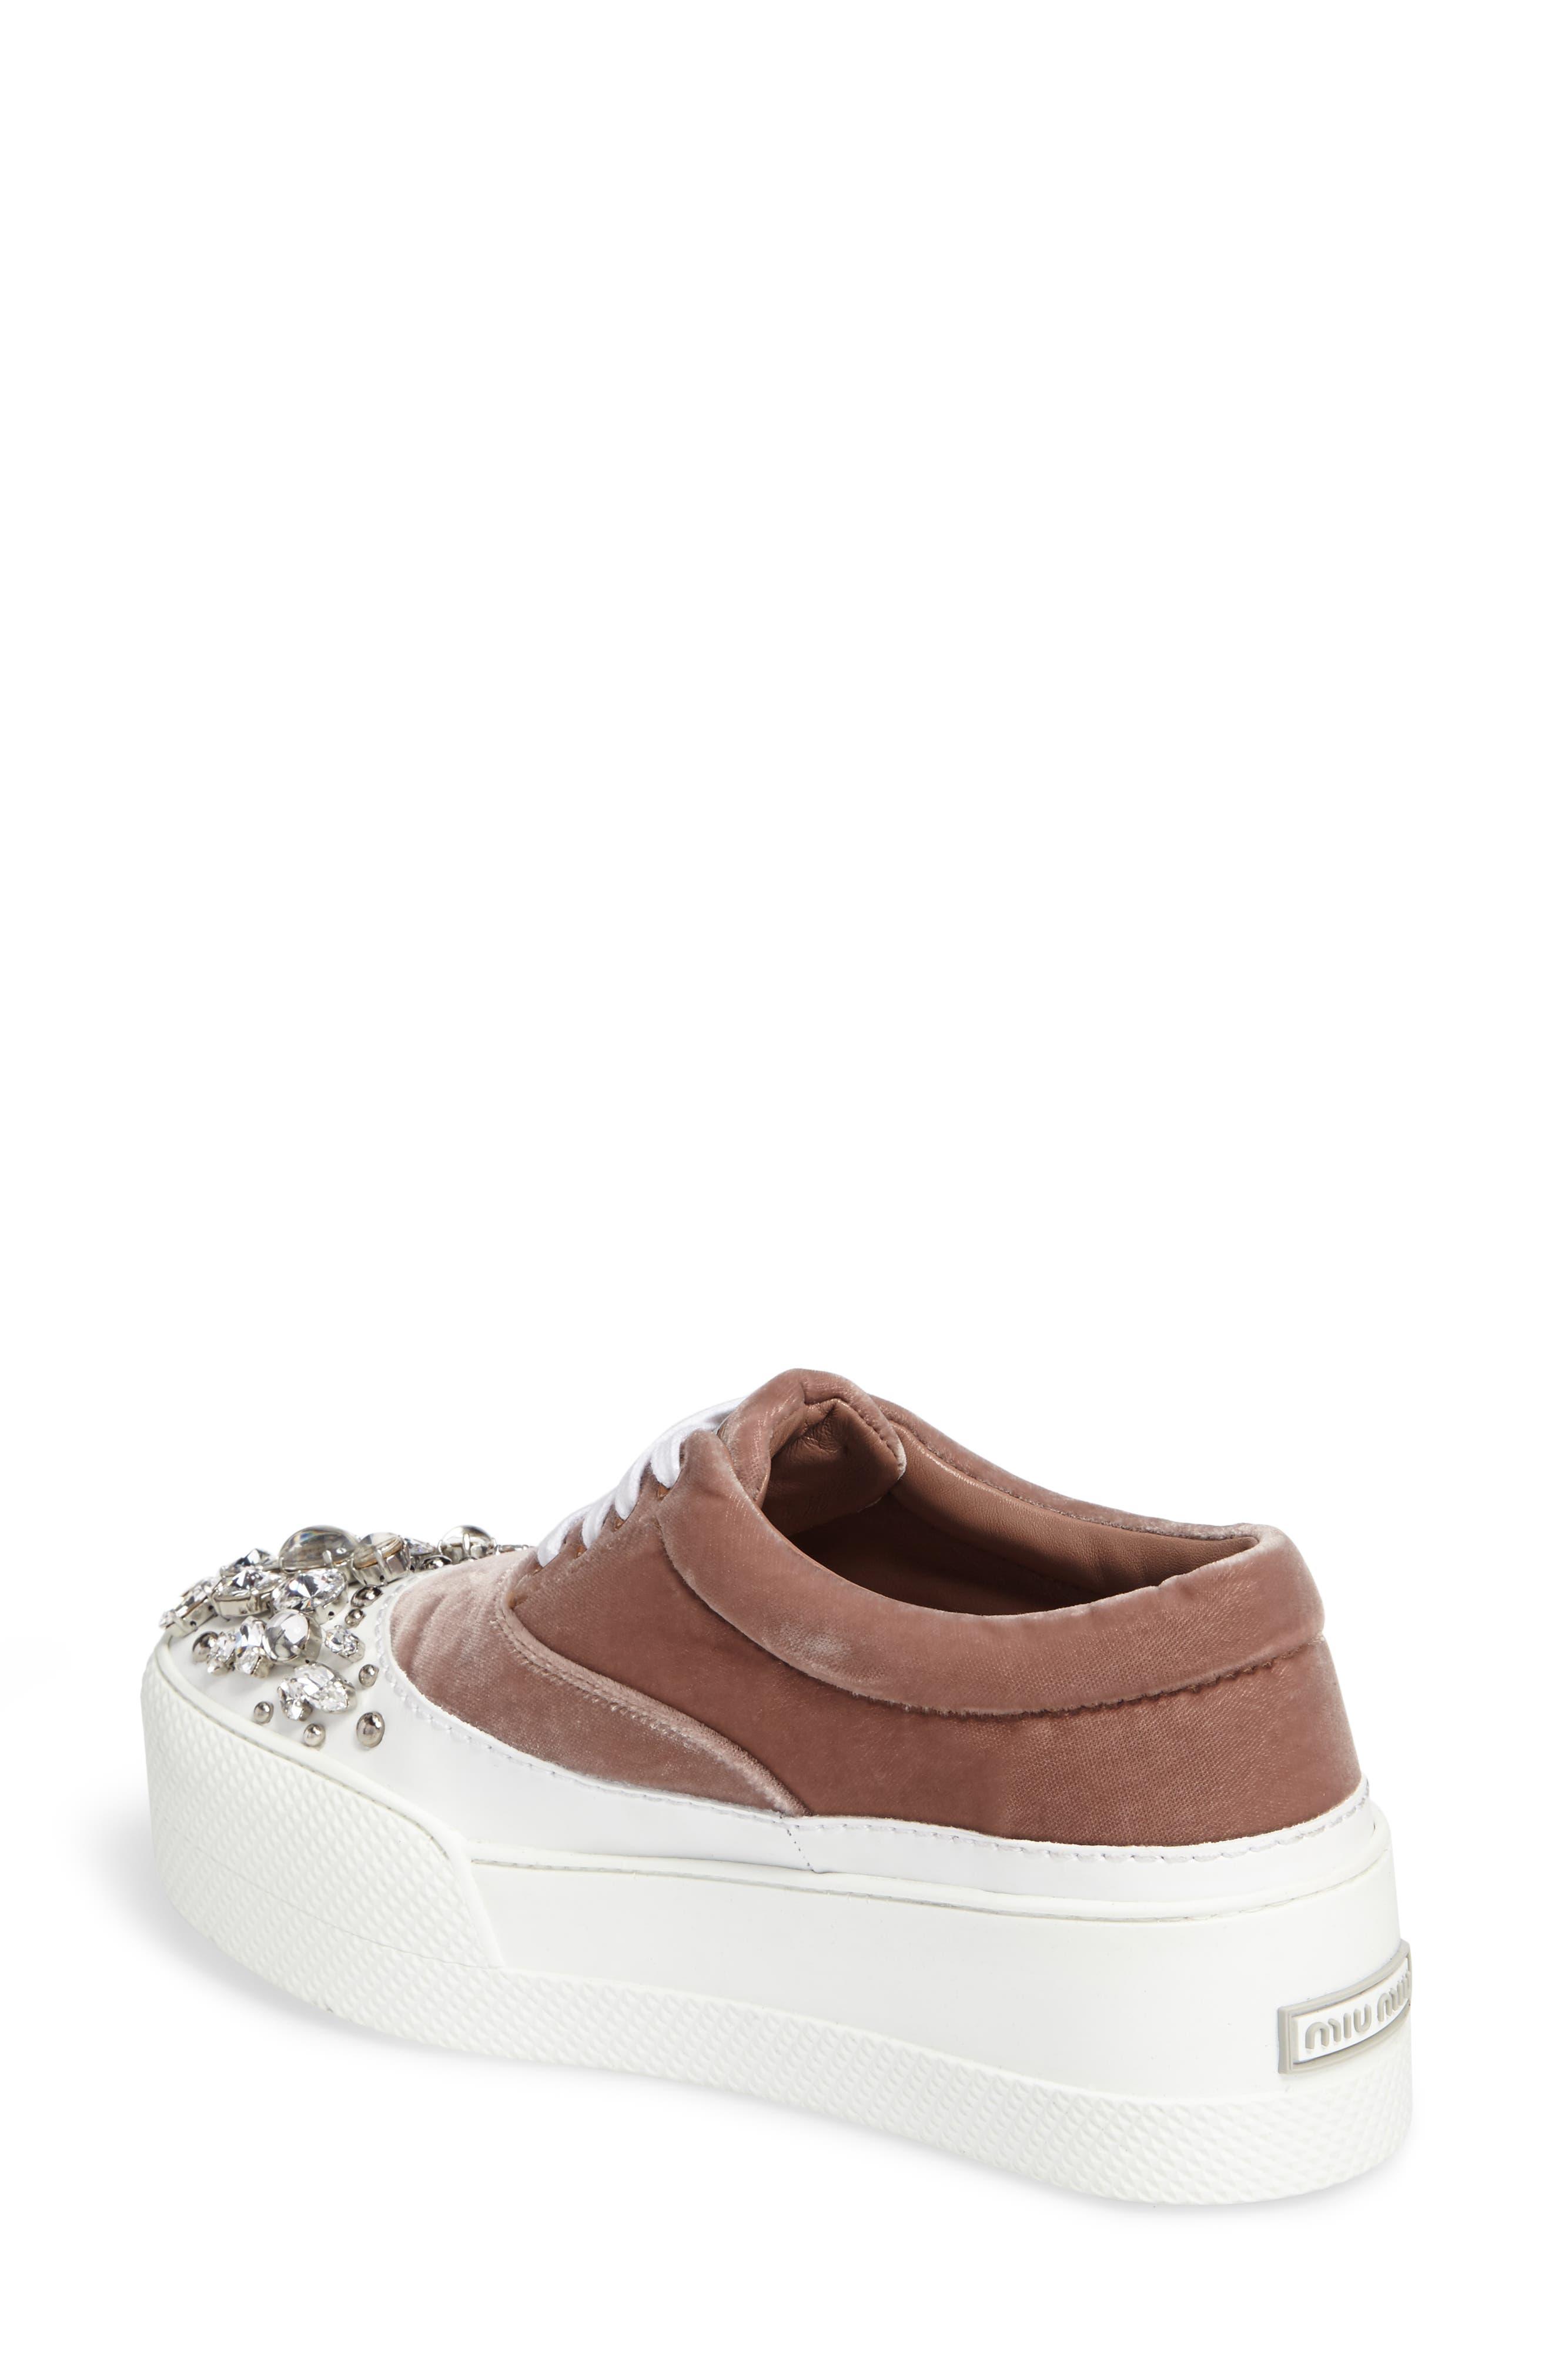 Alternate Image 2  - Miu Miu Embellished Flatform Sneaker (Women)